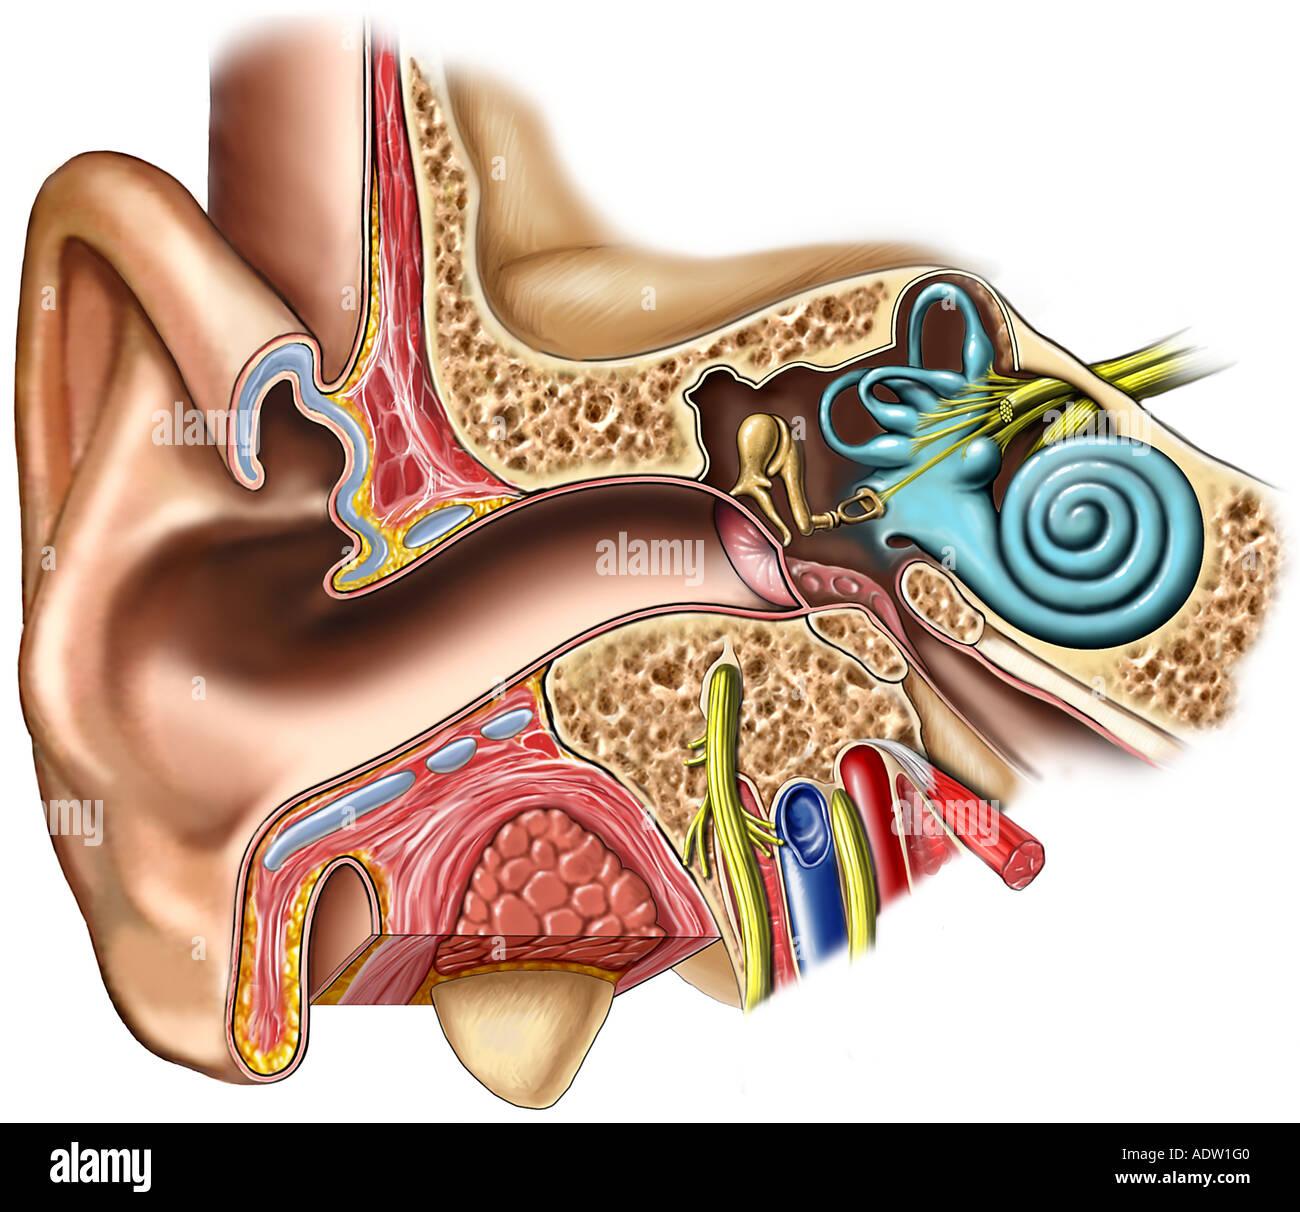 Anatomie der rechten Ohr: Querschnitt Stockfoto, Bild: 7711167 - Alamy